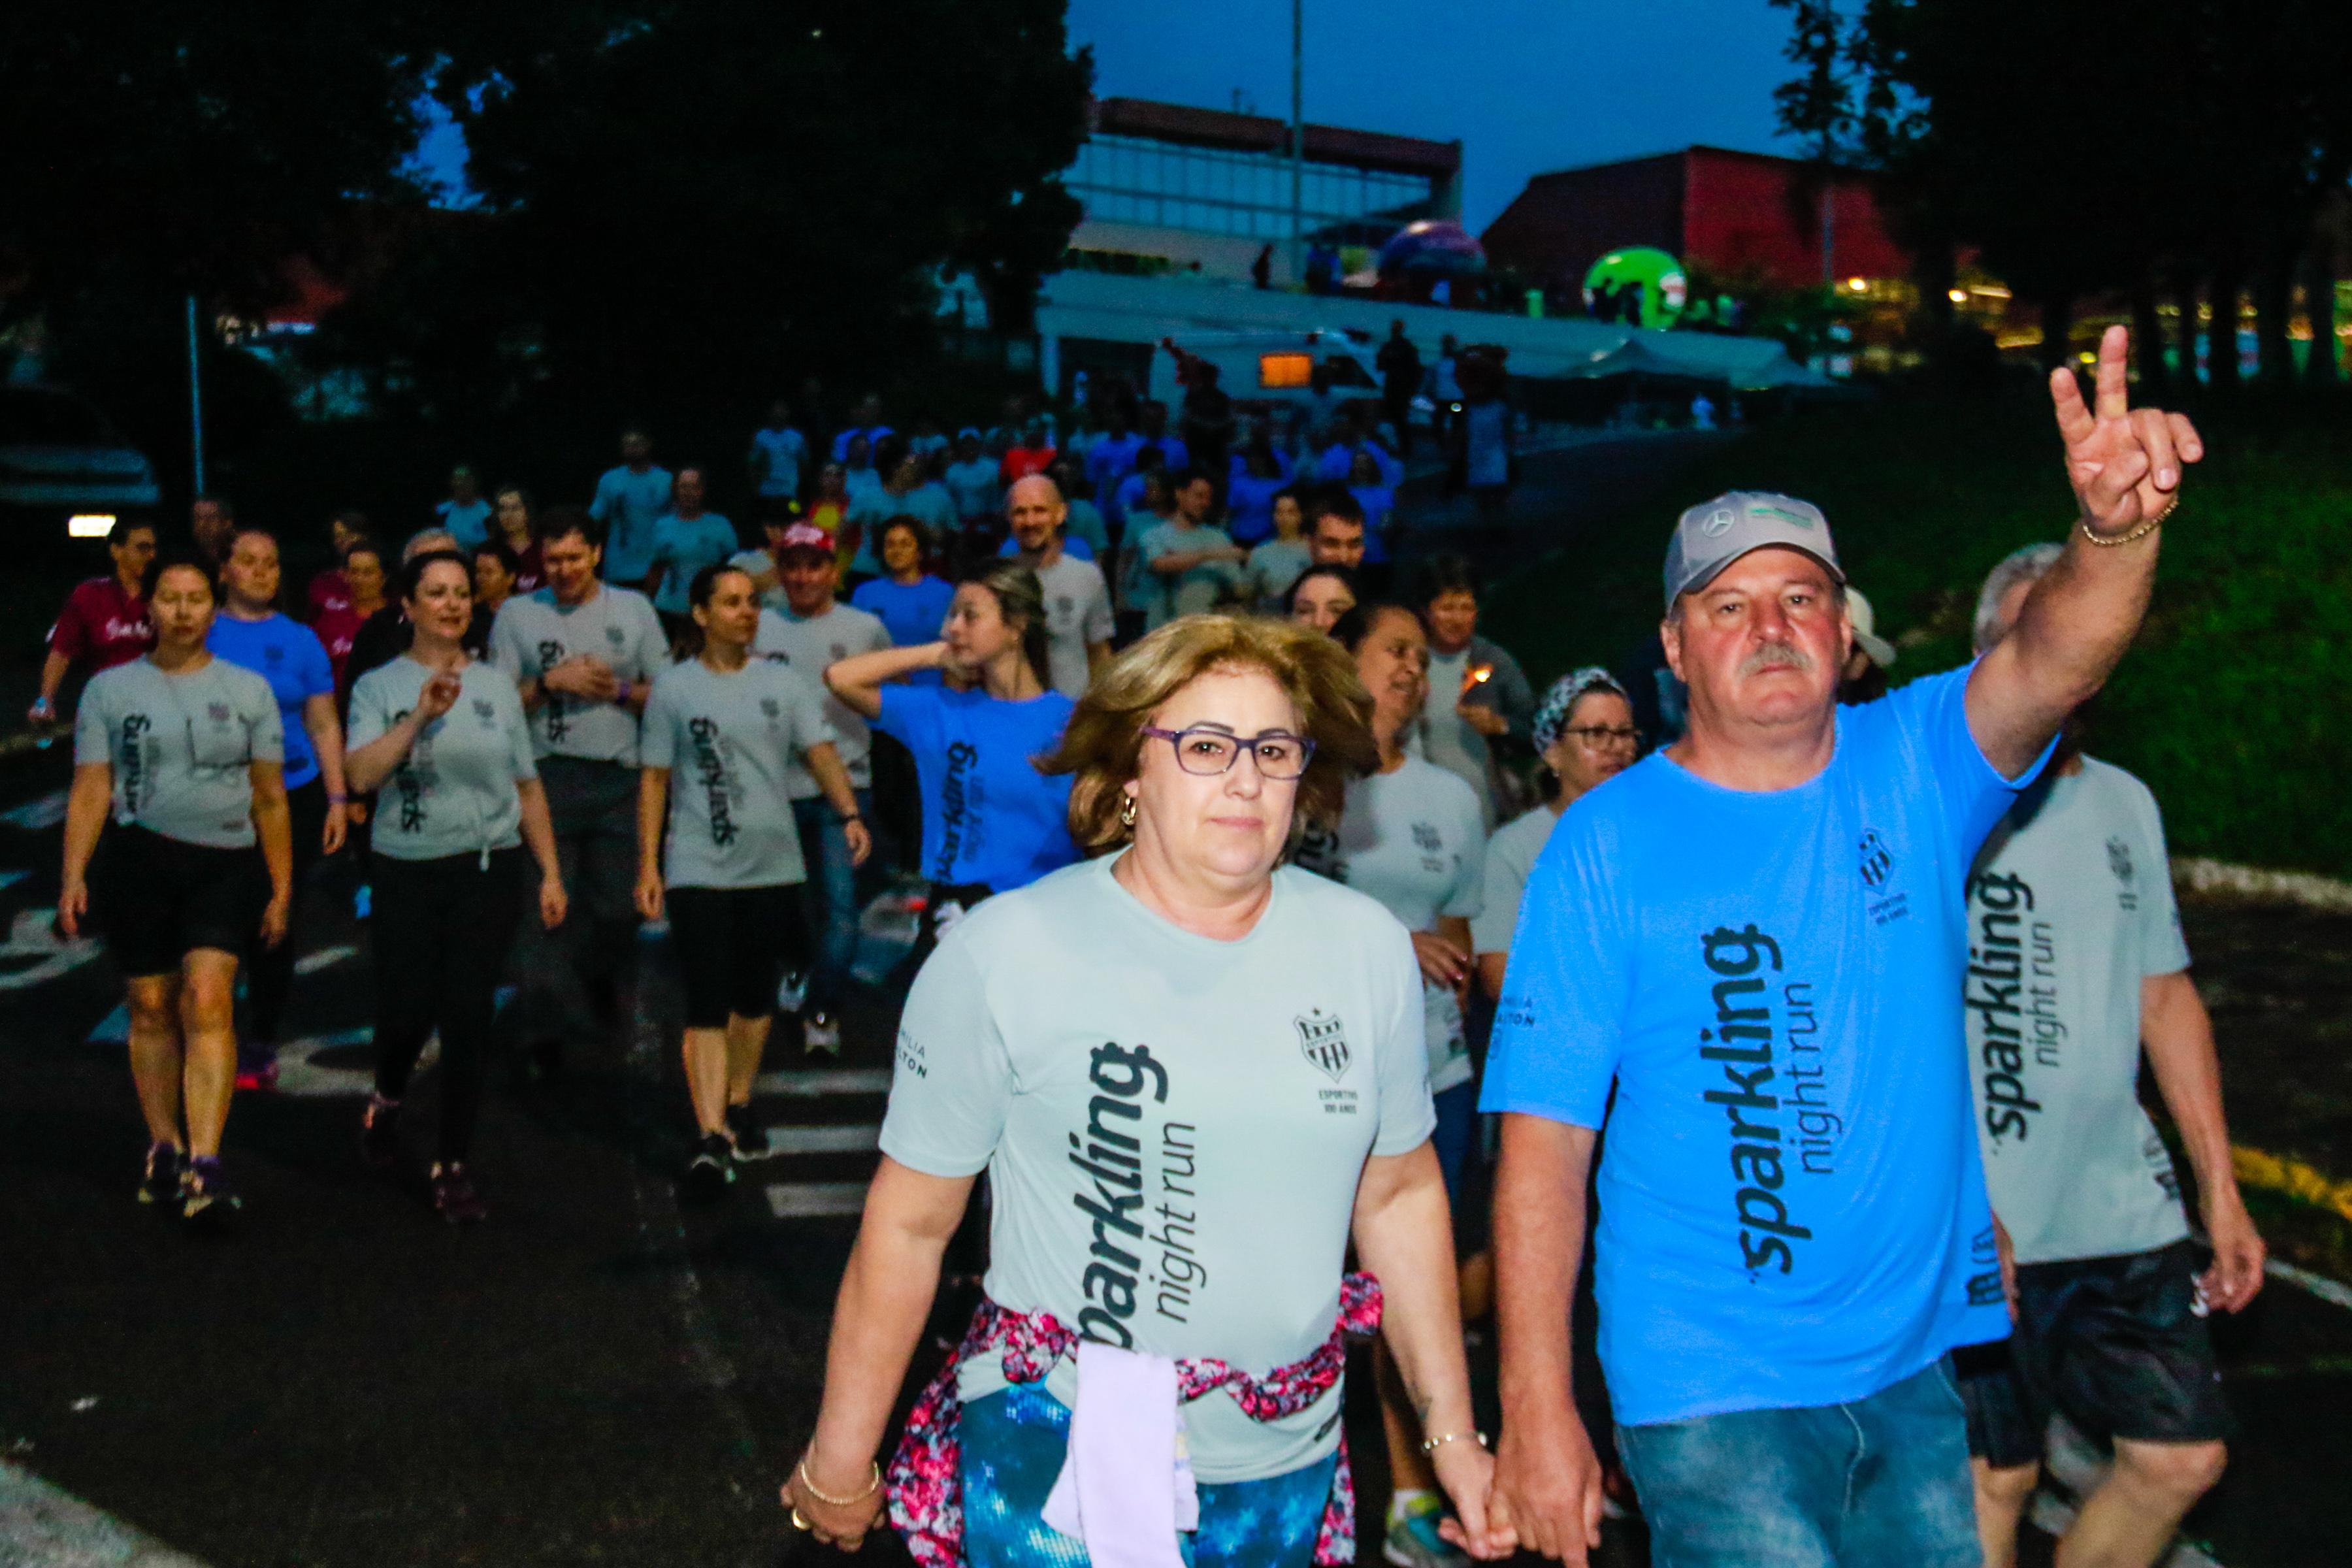 Treino solidário prepara atletas para a Sparkling Night Run